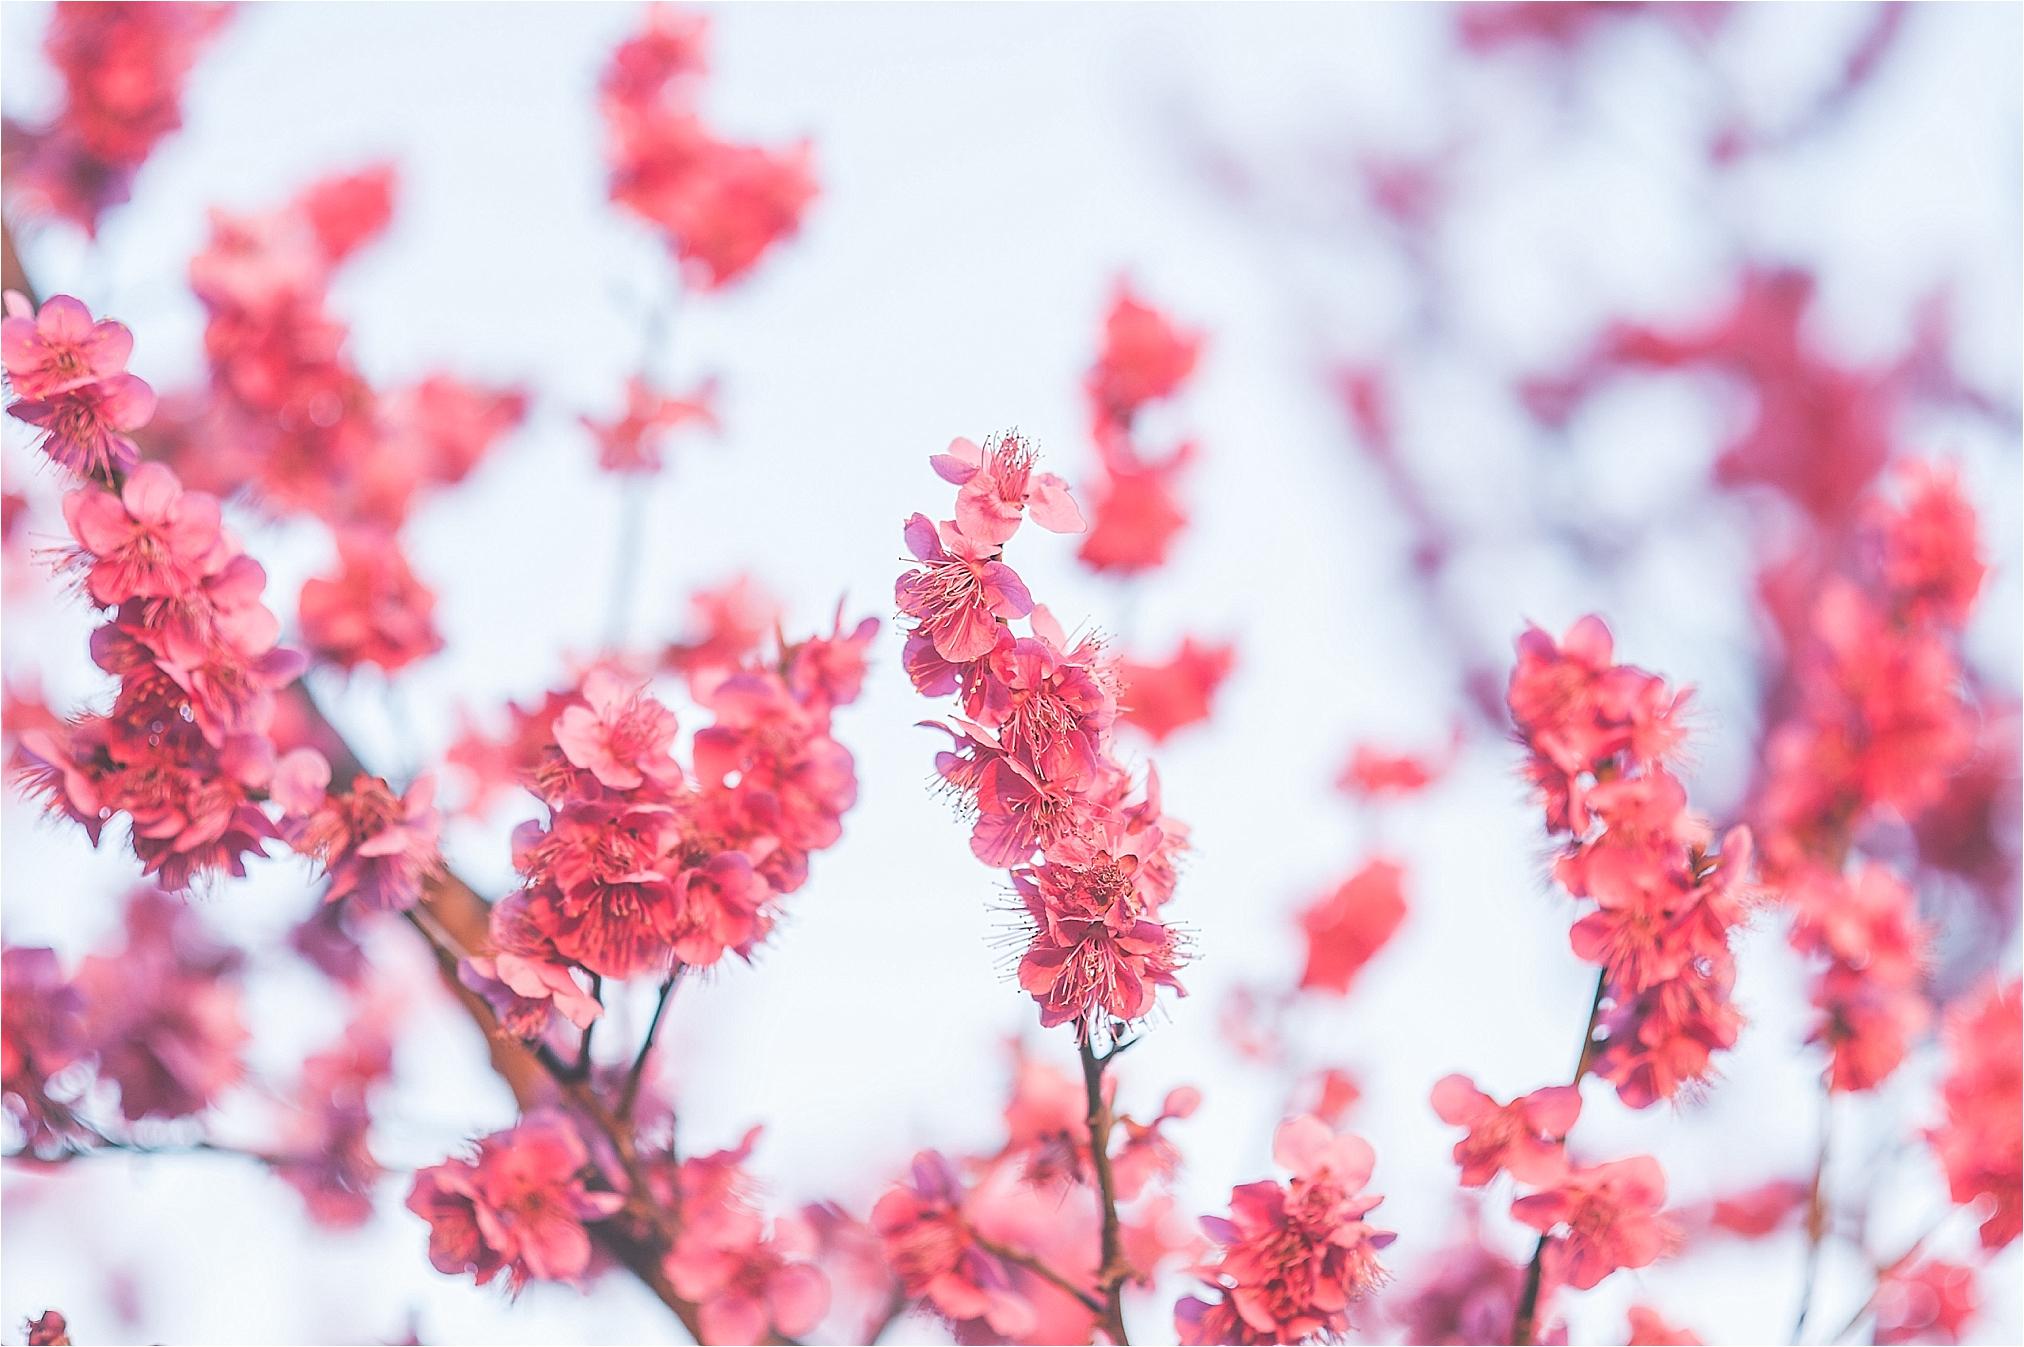 SpringBlossomsInSouthKorea_0030.jpg